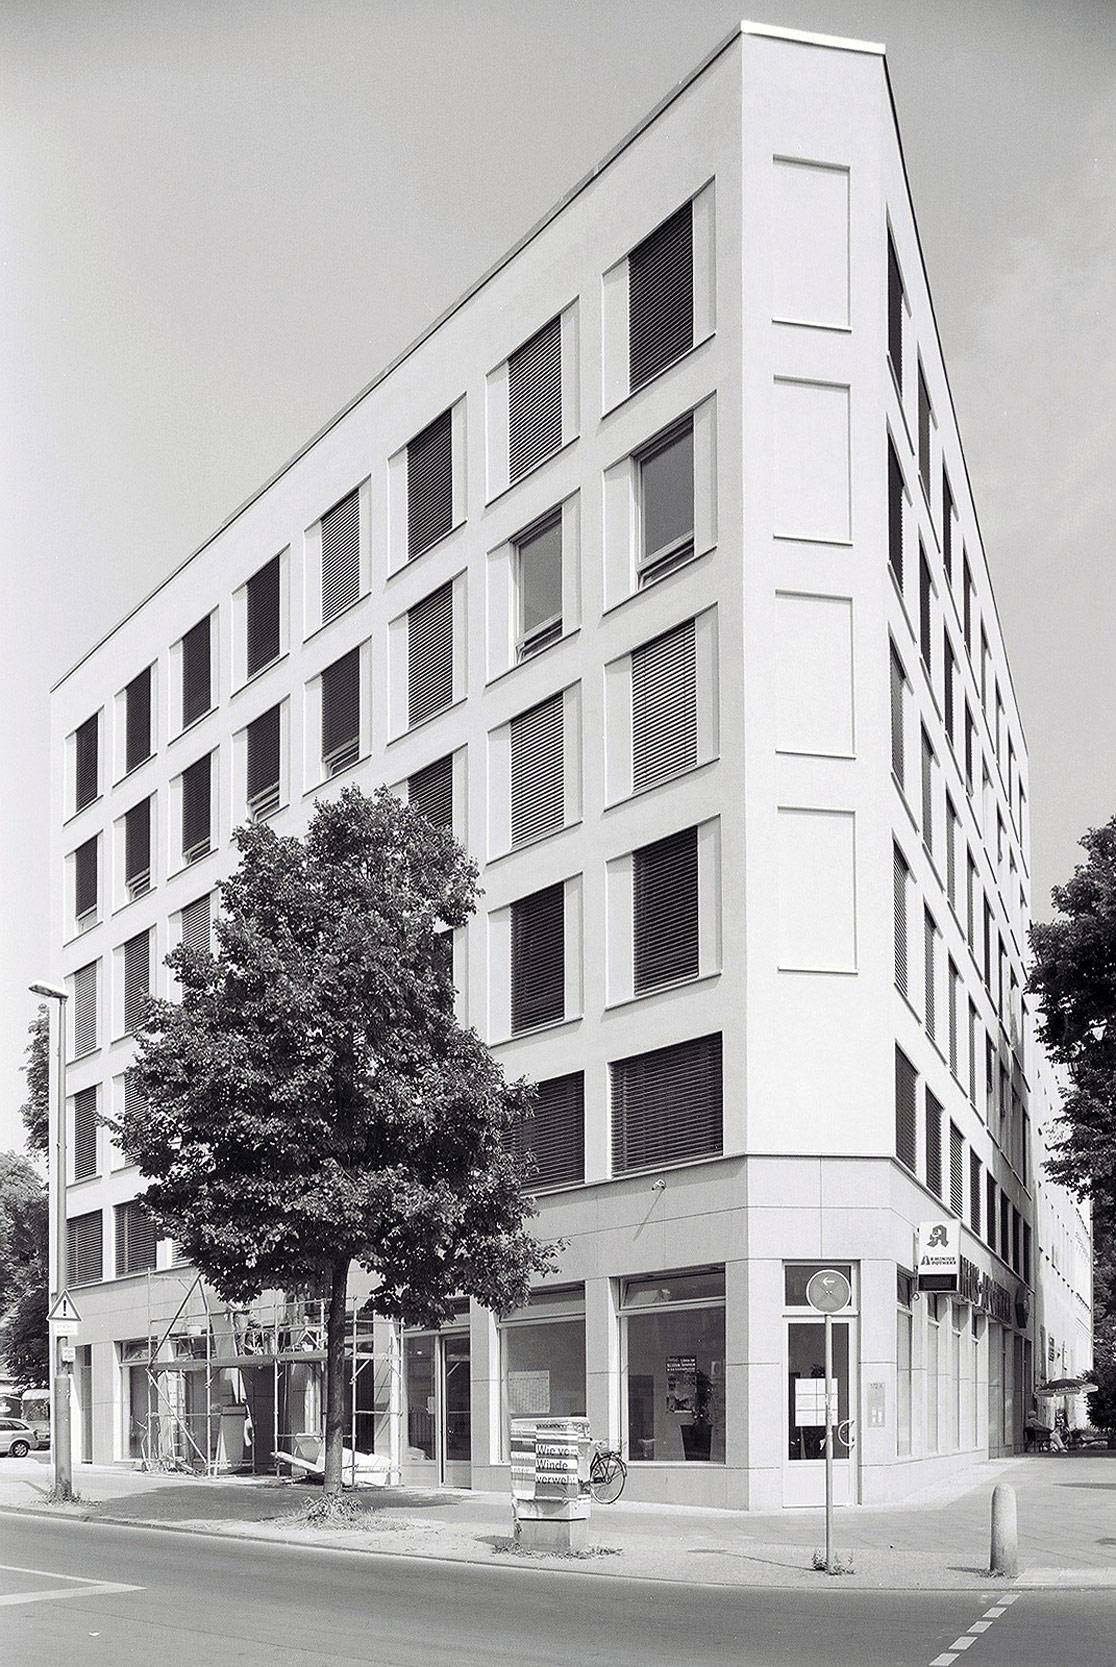 Serielle Fensteranordnungen erzeugen eine ruhig wirkende gereihte Fassade.